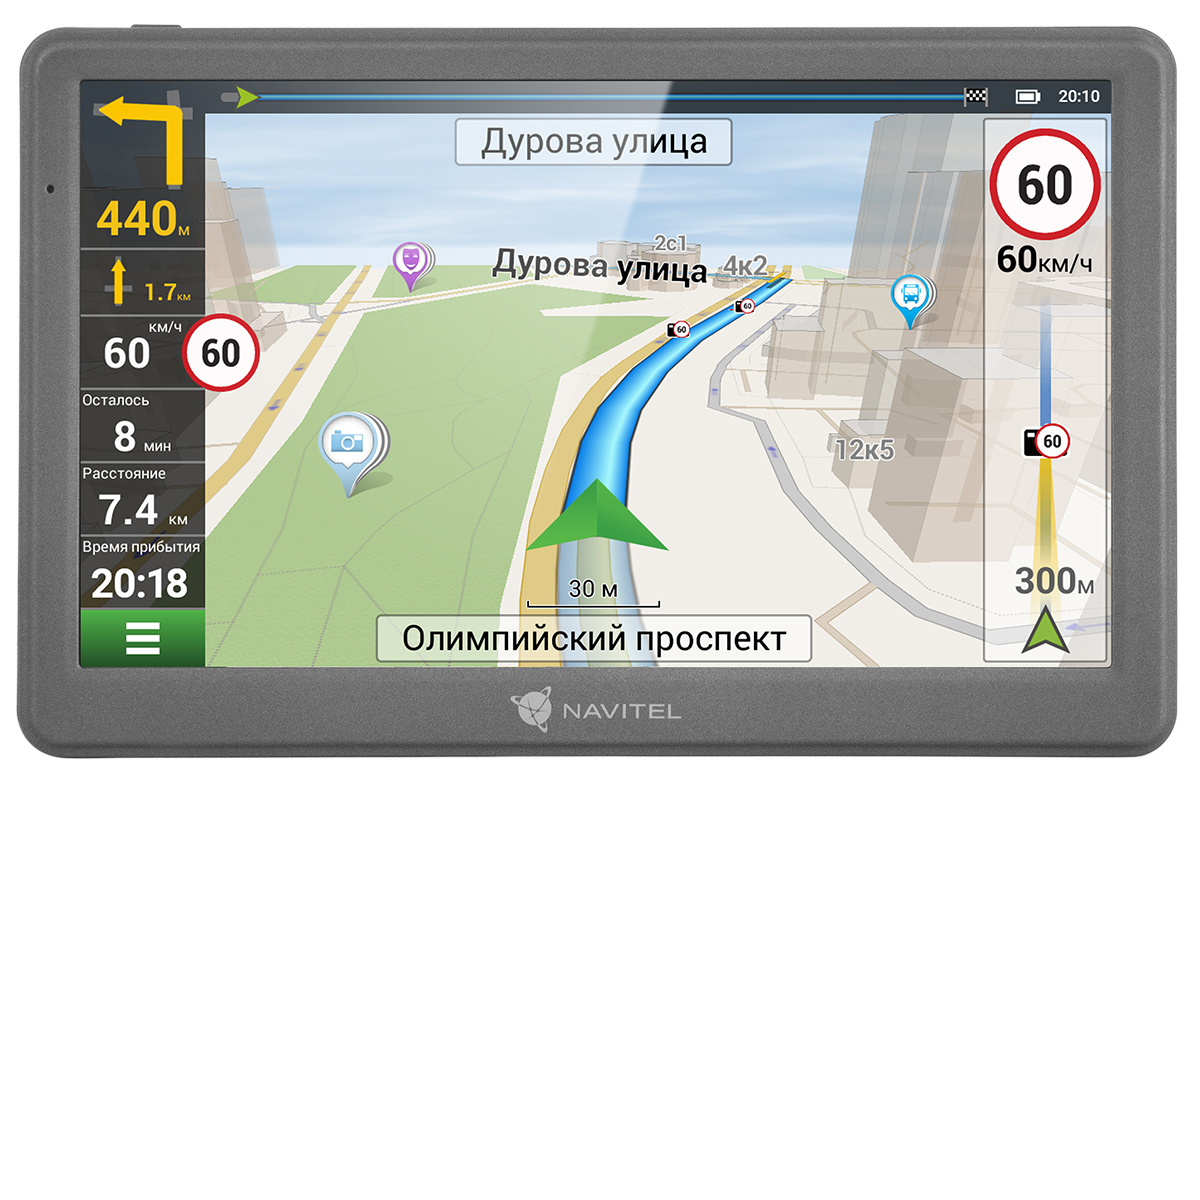 Спутниковый GPS навигатор Navitel E700 (+ Разветвитель в подарок!) цена